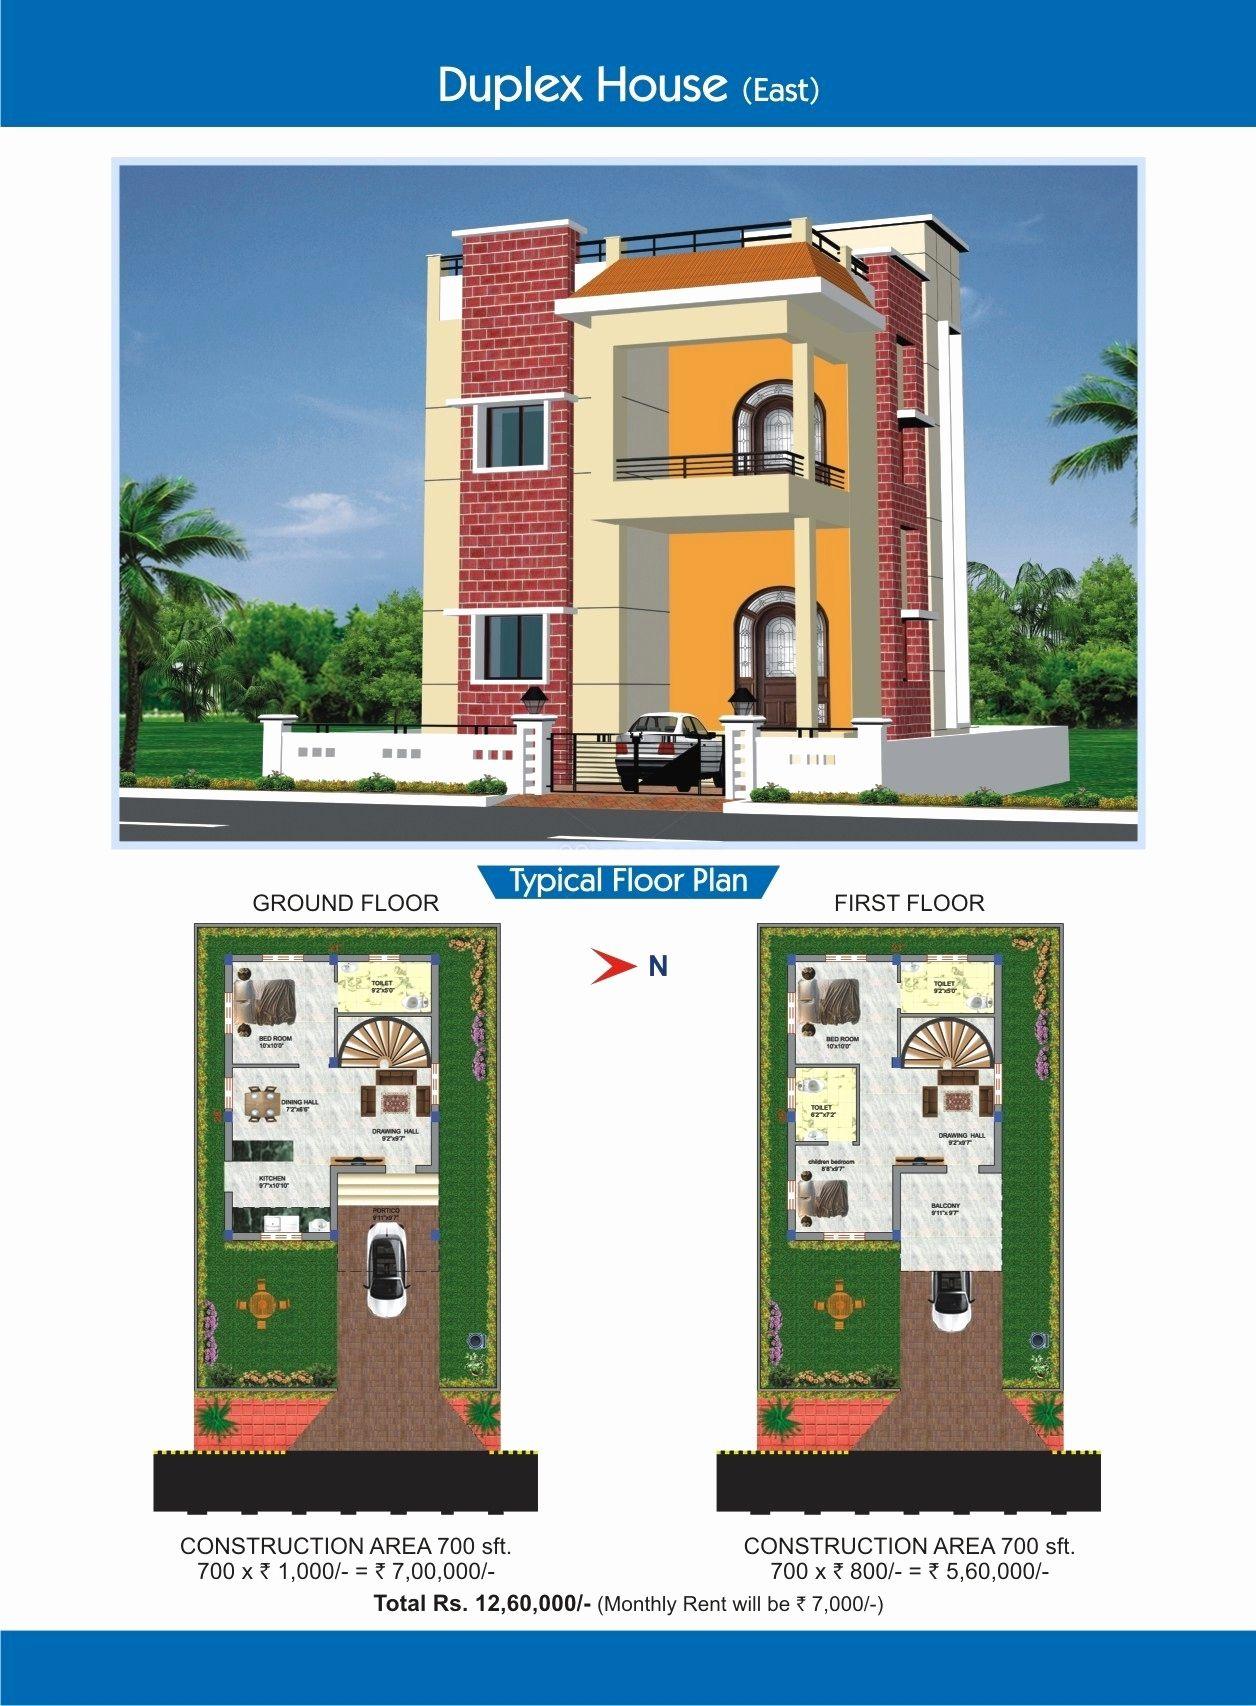 Remarkable 700 Sq Ft Duplex House Plans S Best Idea Home From Duplex House Floor Plans Indian Style Image Duplex House Modern House Design Duplex House Plans